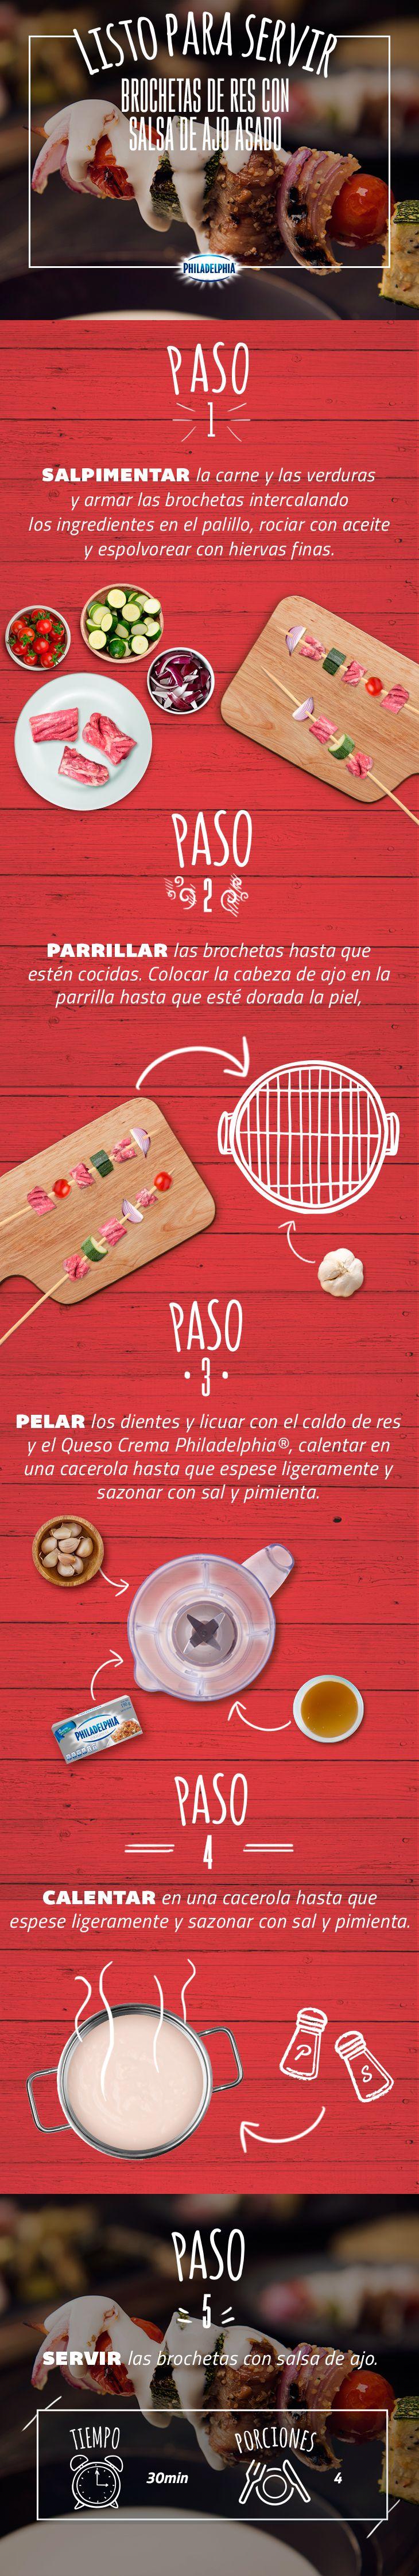 Sorprende a todos en la mesa con estas deliciosas Brochetas. ¡Se chuparán los dedos!  #quesophiladelphia  #quesocrema #philadelphia #brochetas #carne #res #ajo #asador